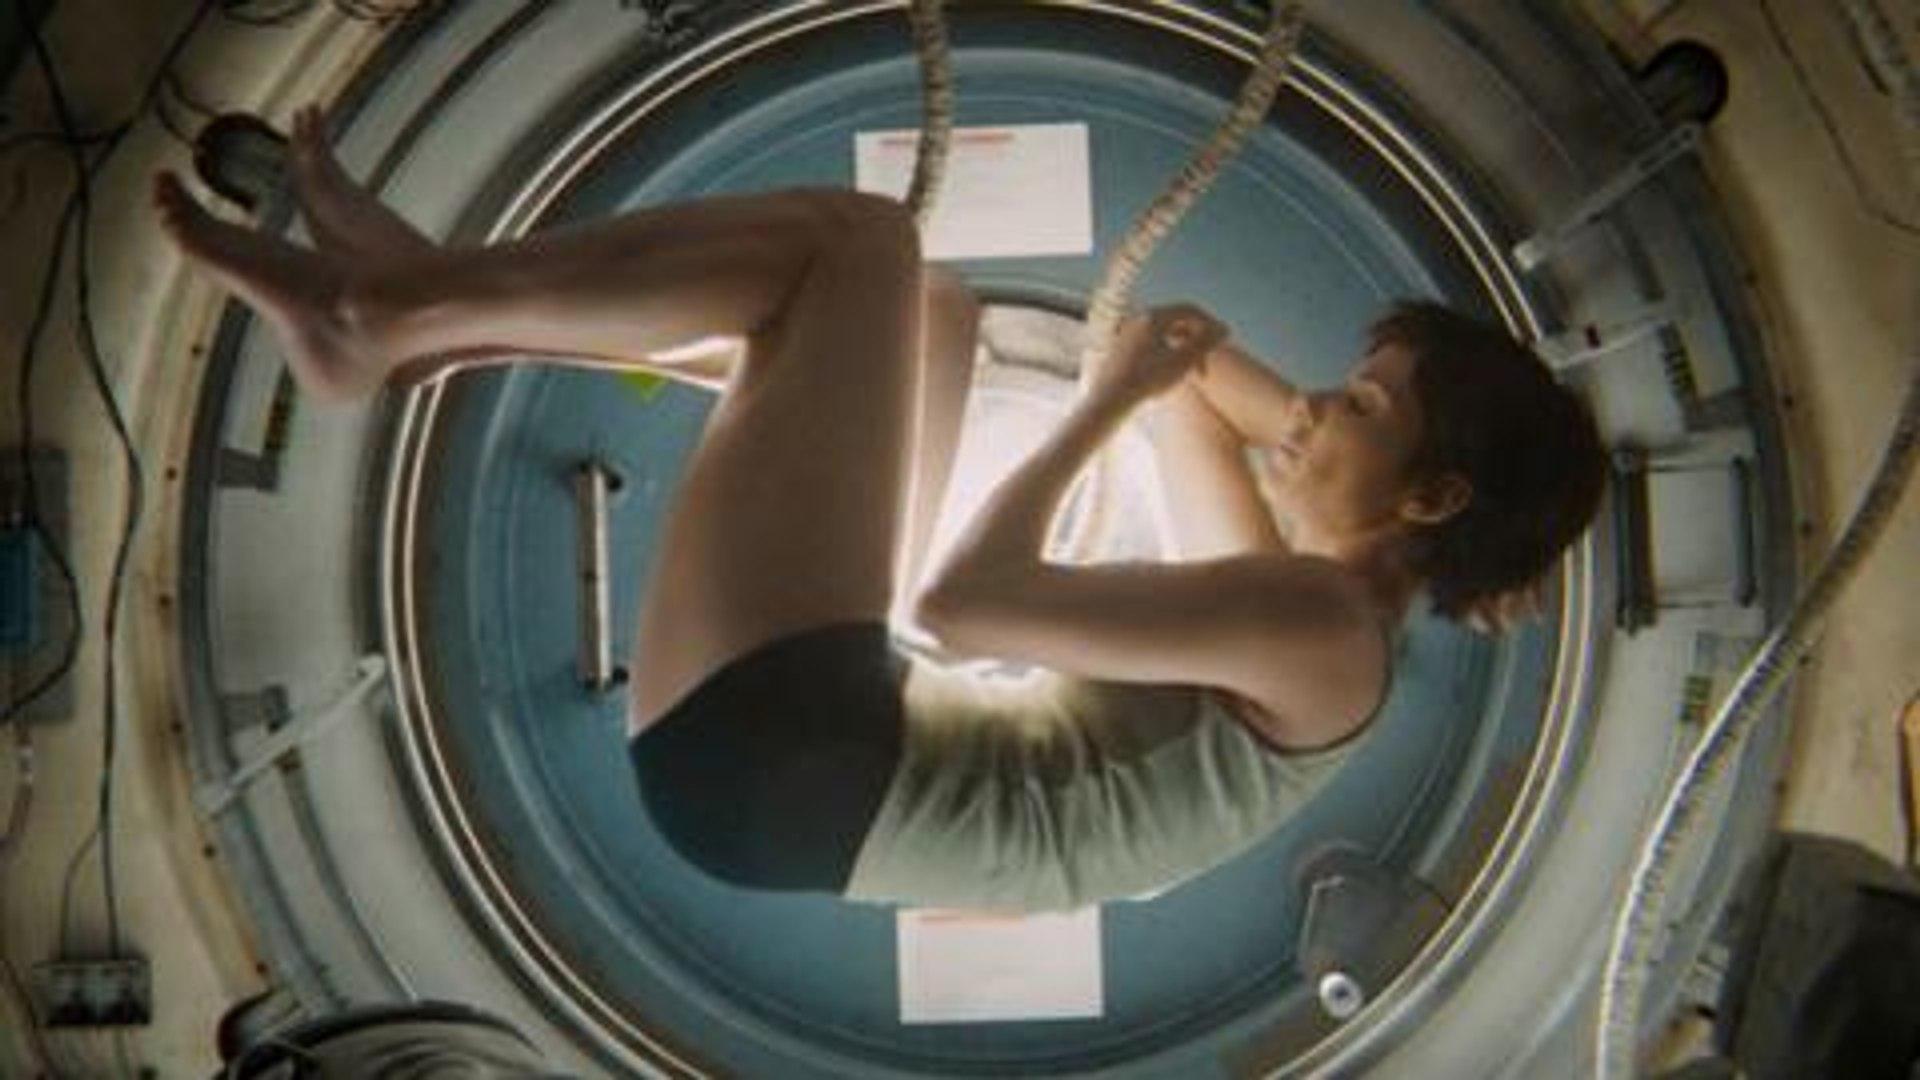 Top 10 Escape Pod Scenes in Movies and TV